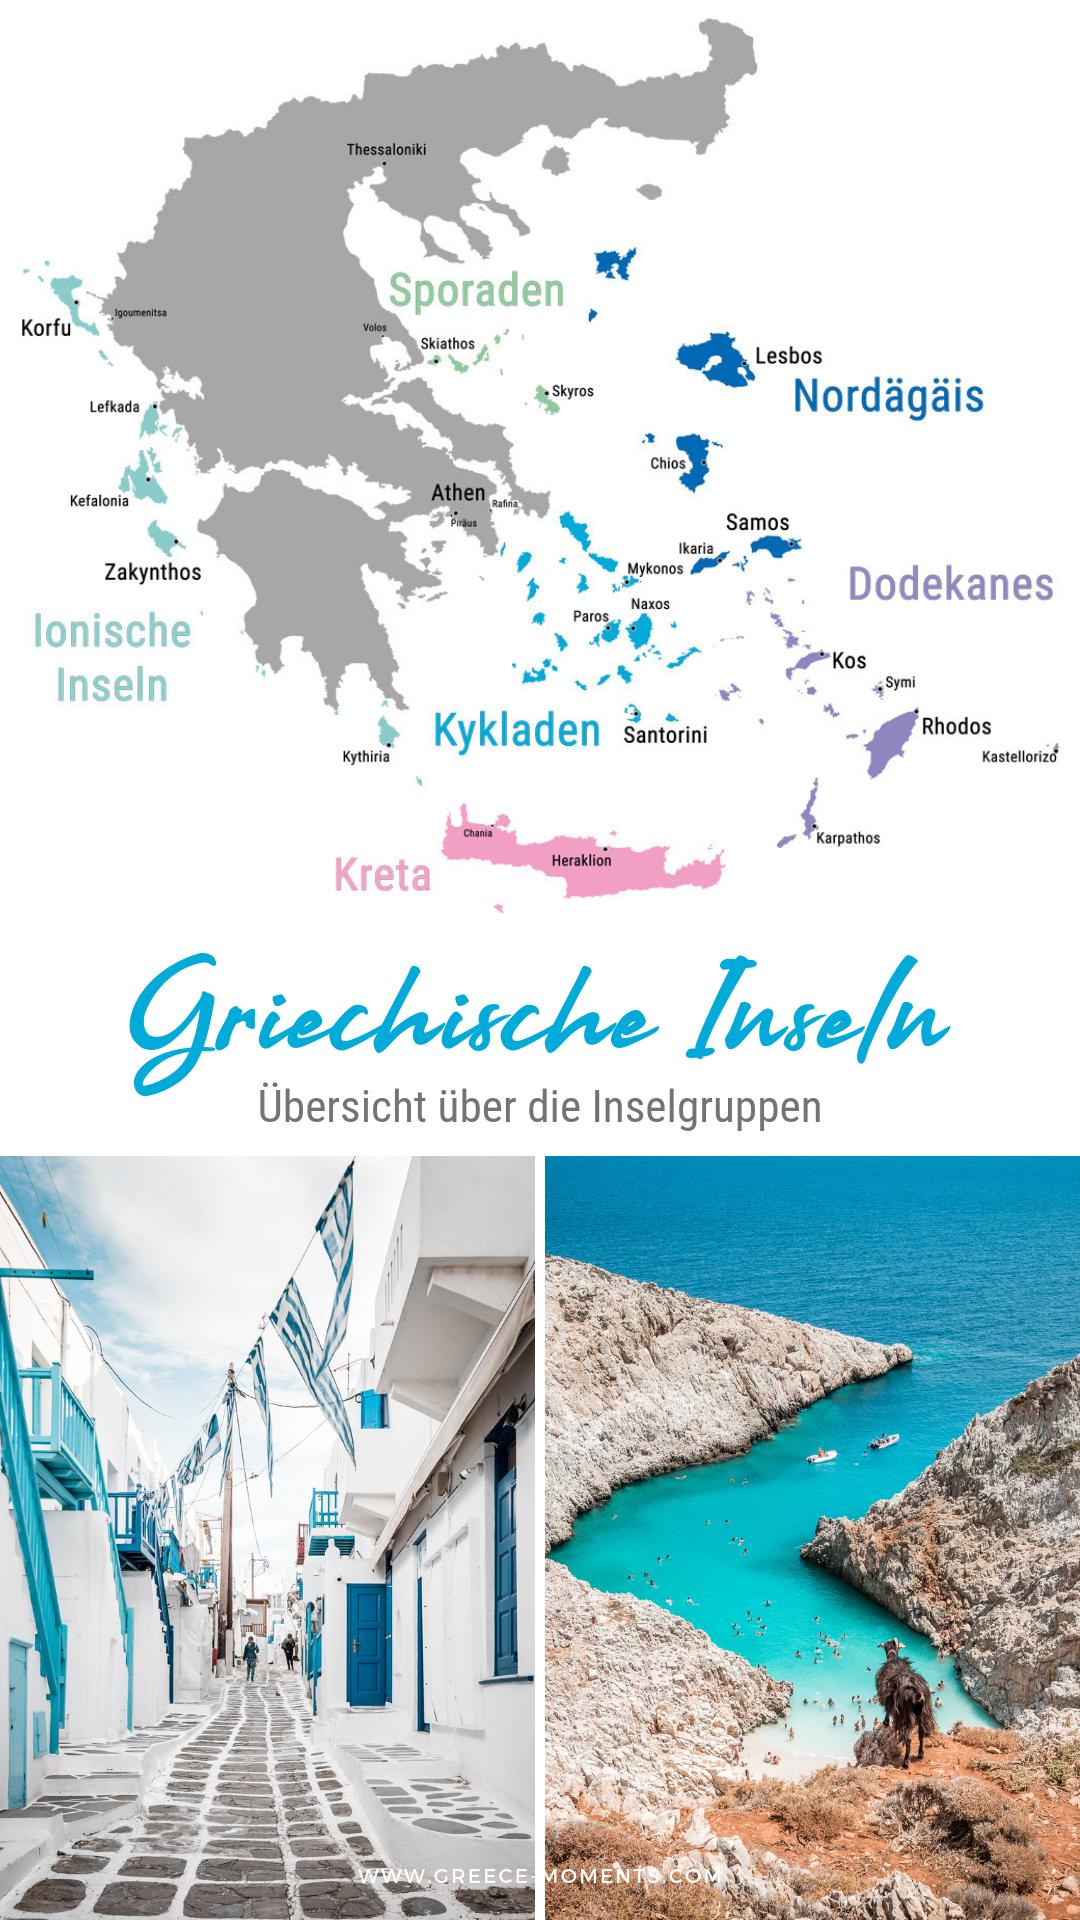 Karte Griechenland Mykonos.Griechische Inseln übersicht Die Schönsten Inselgruppen Mit Karte